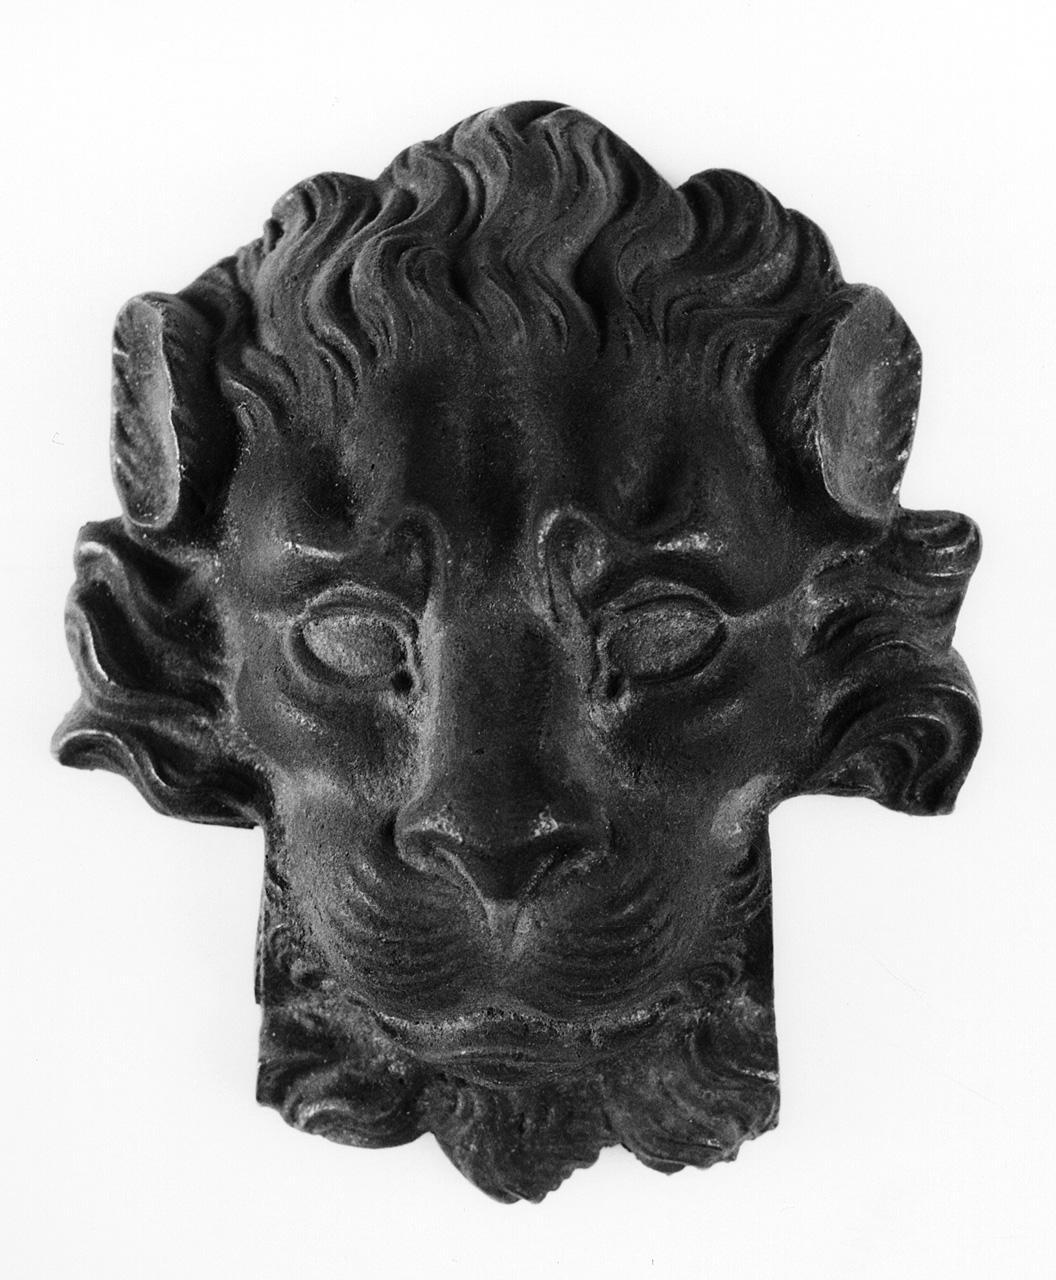 testa di leone (borchia) di Officine Strada Ferrata Leopolda (seconda metà sec. XIX)